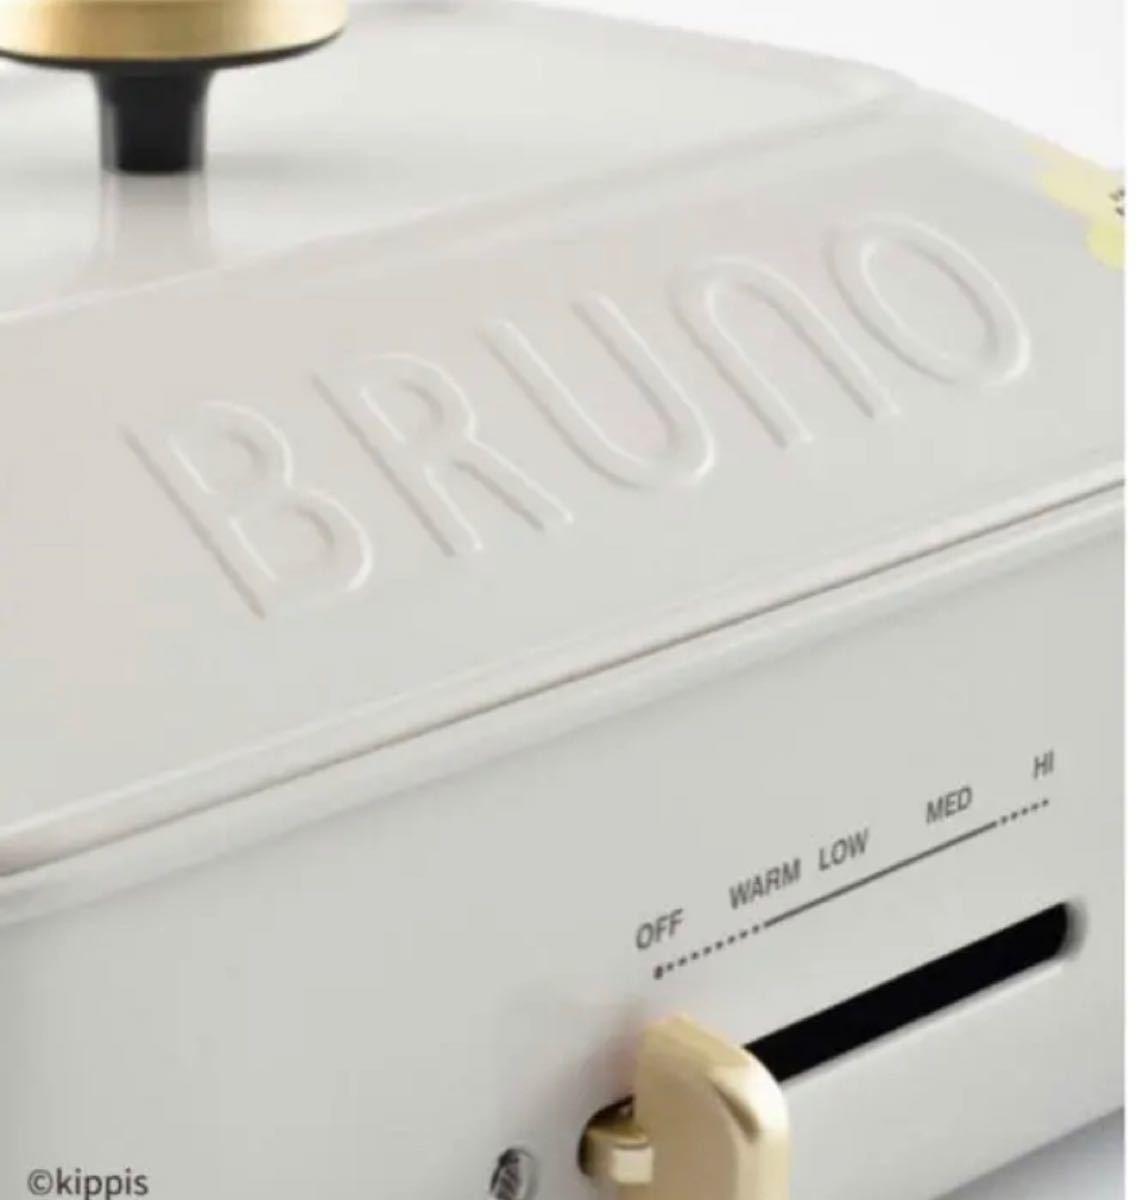 BRUNO コンパクトホットプレート 限定カラー ホットプレート ブルーノコンパクトホットプレート